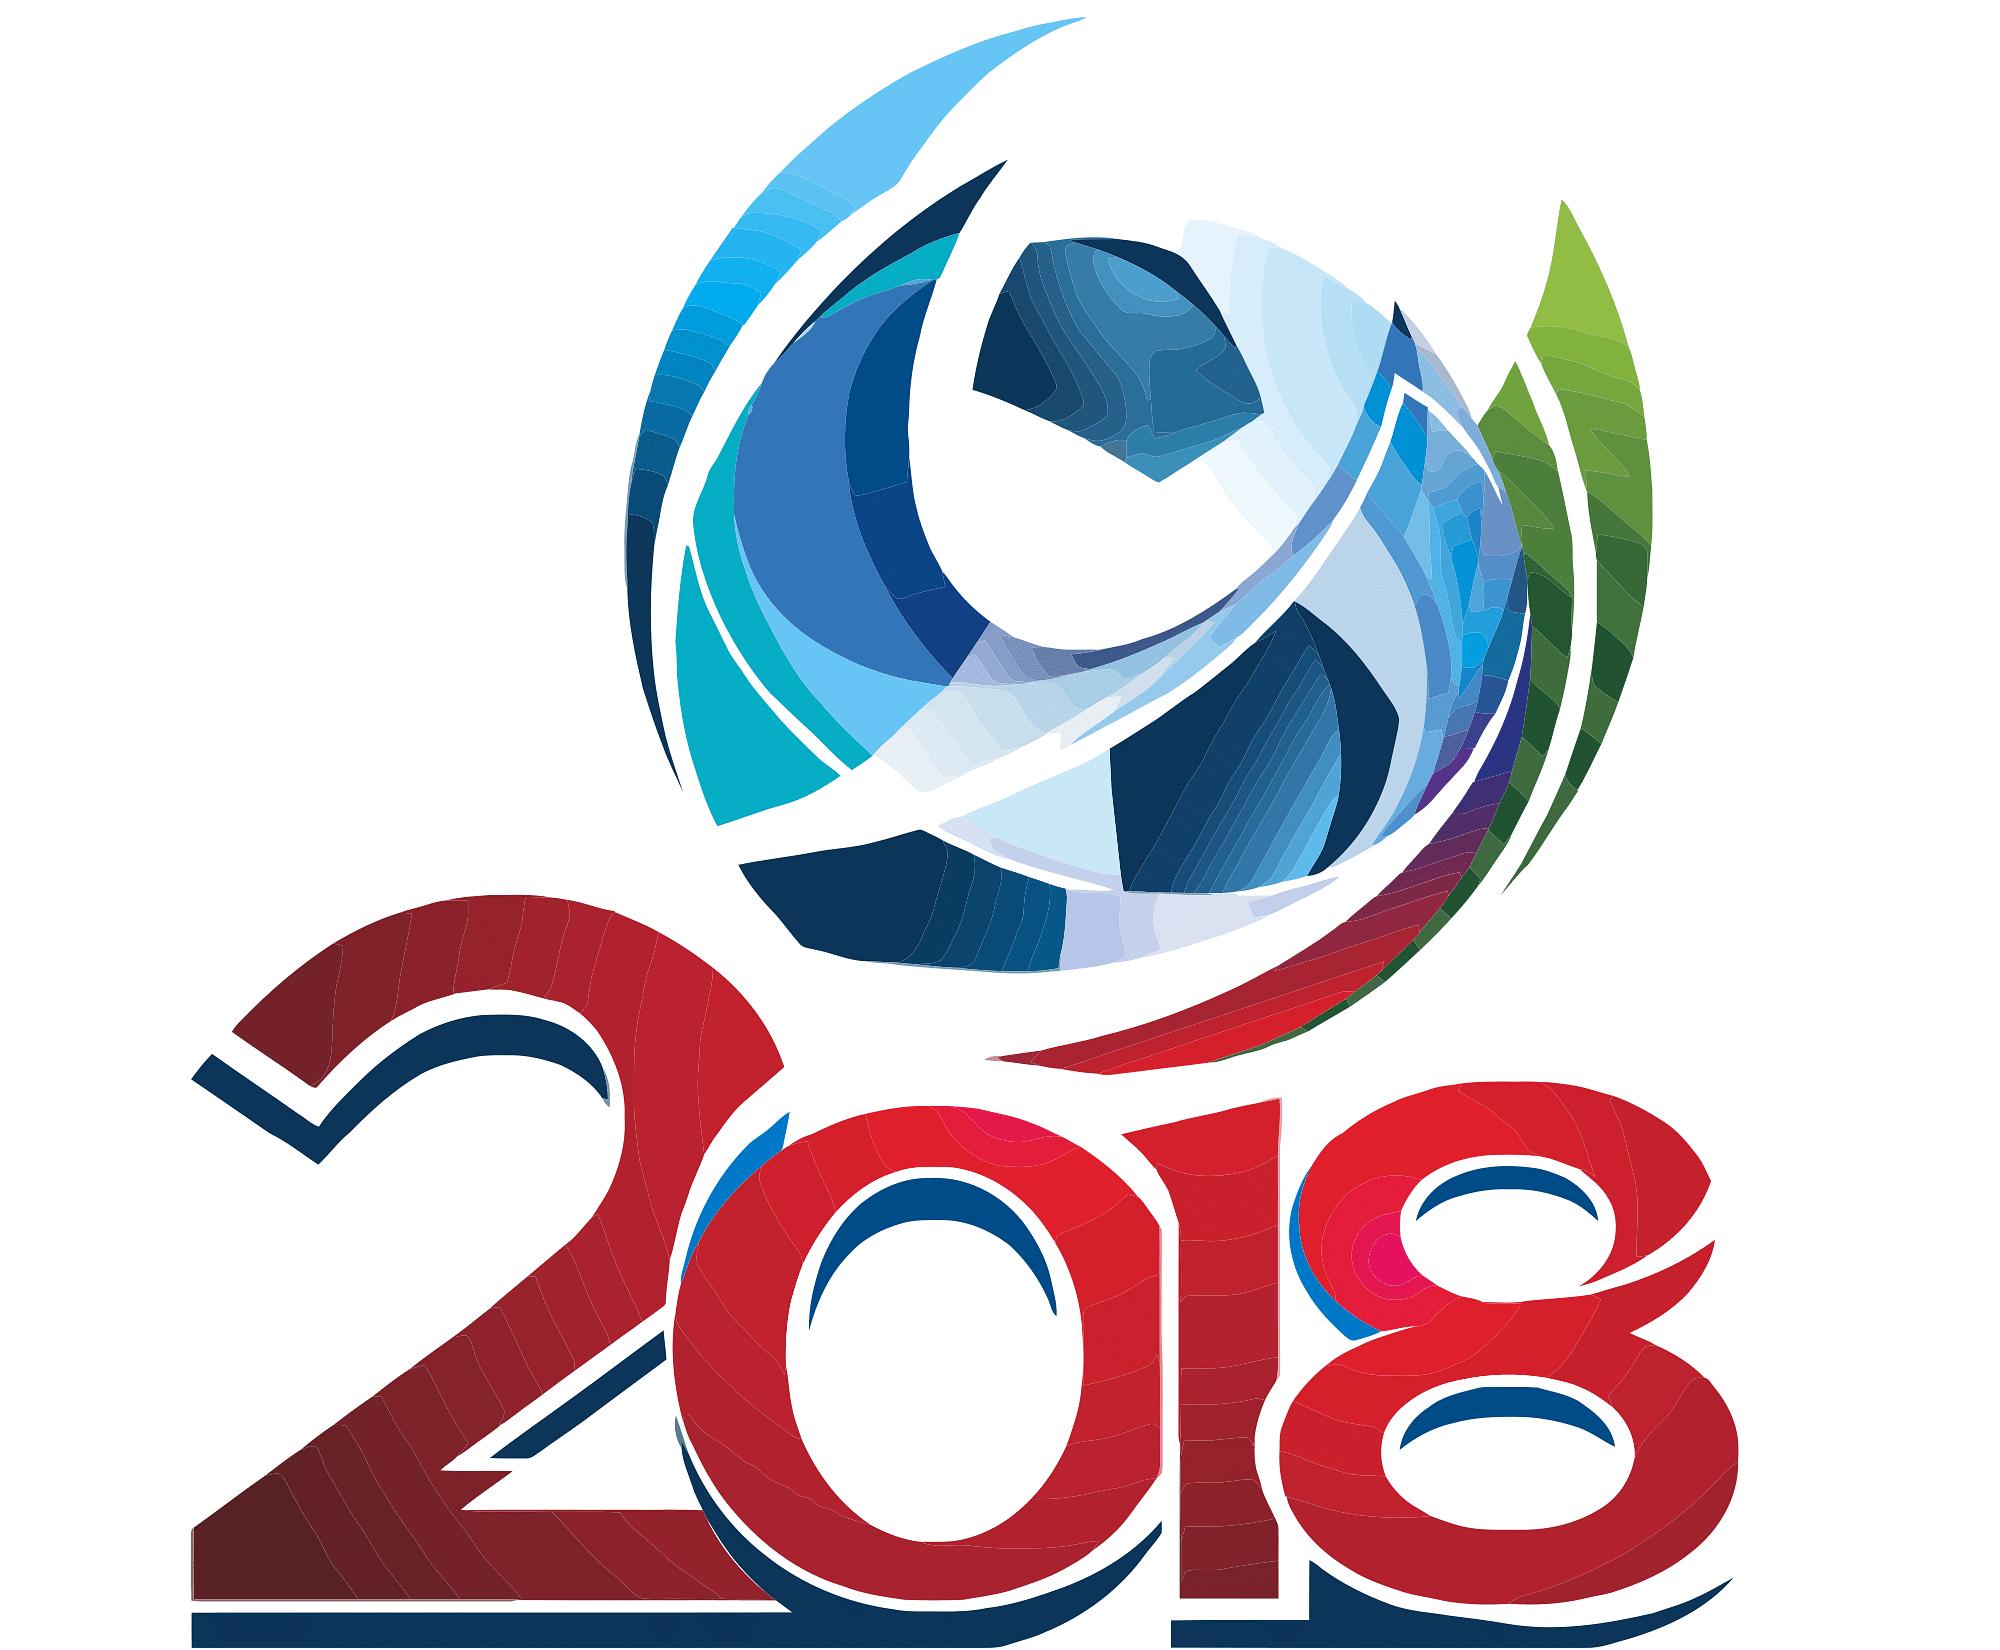 FIFA Logos: official logo of World Cup #21